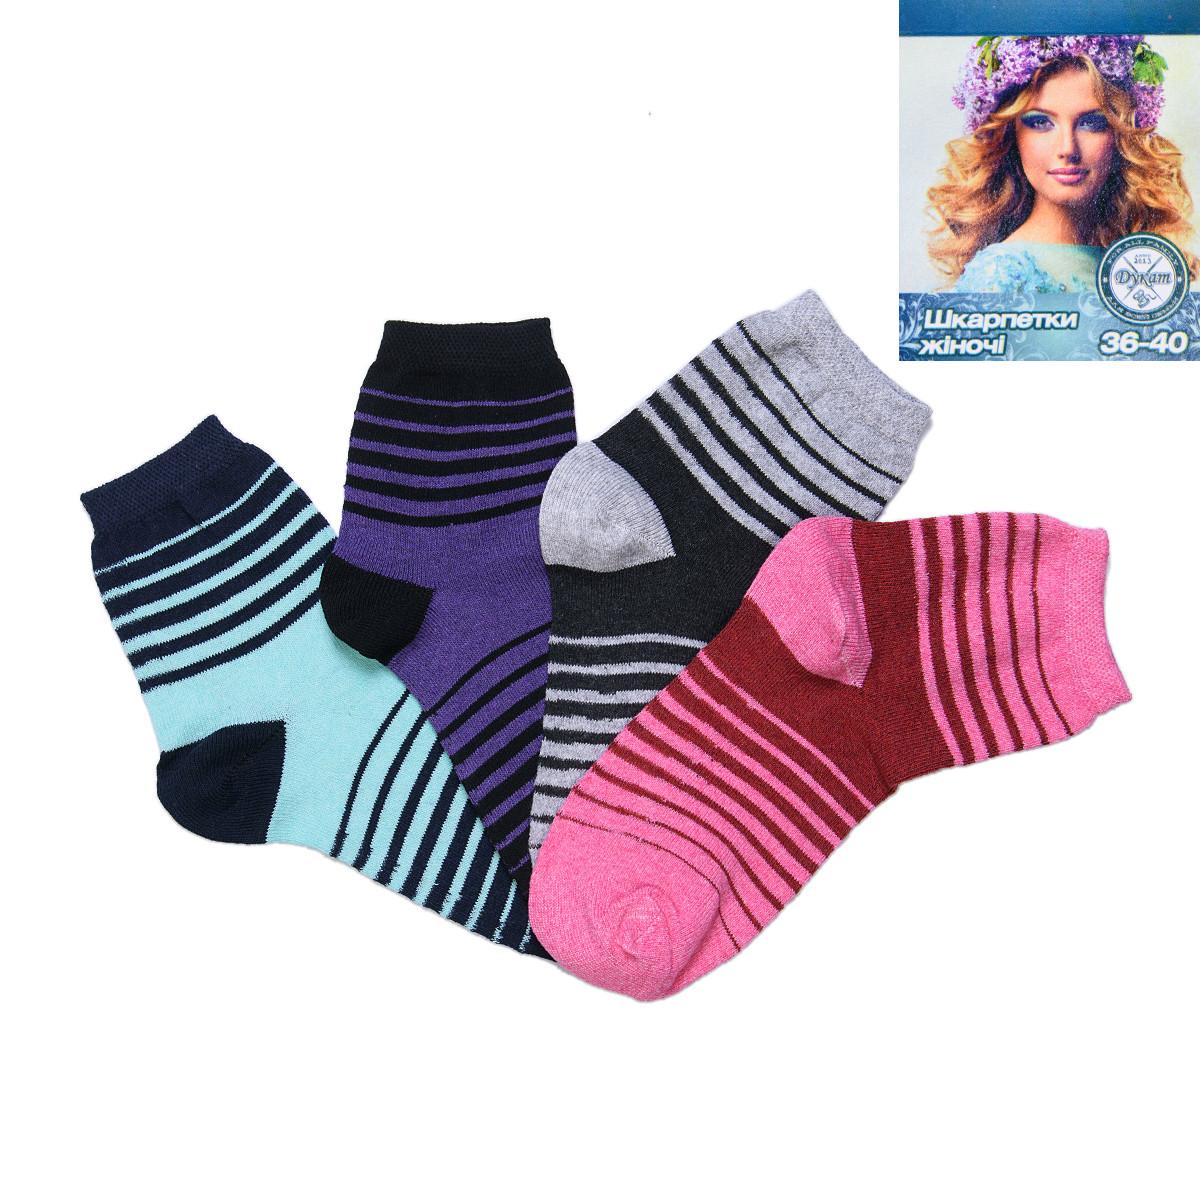 Носочки женские полосатые Дукат Украина 109drn  женские носки Украина